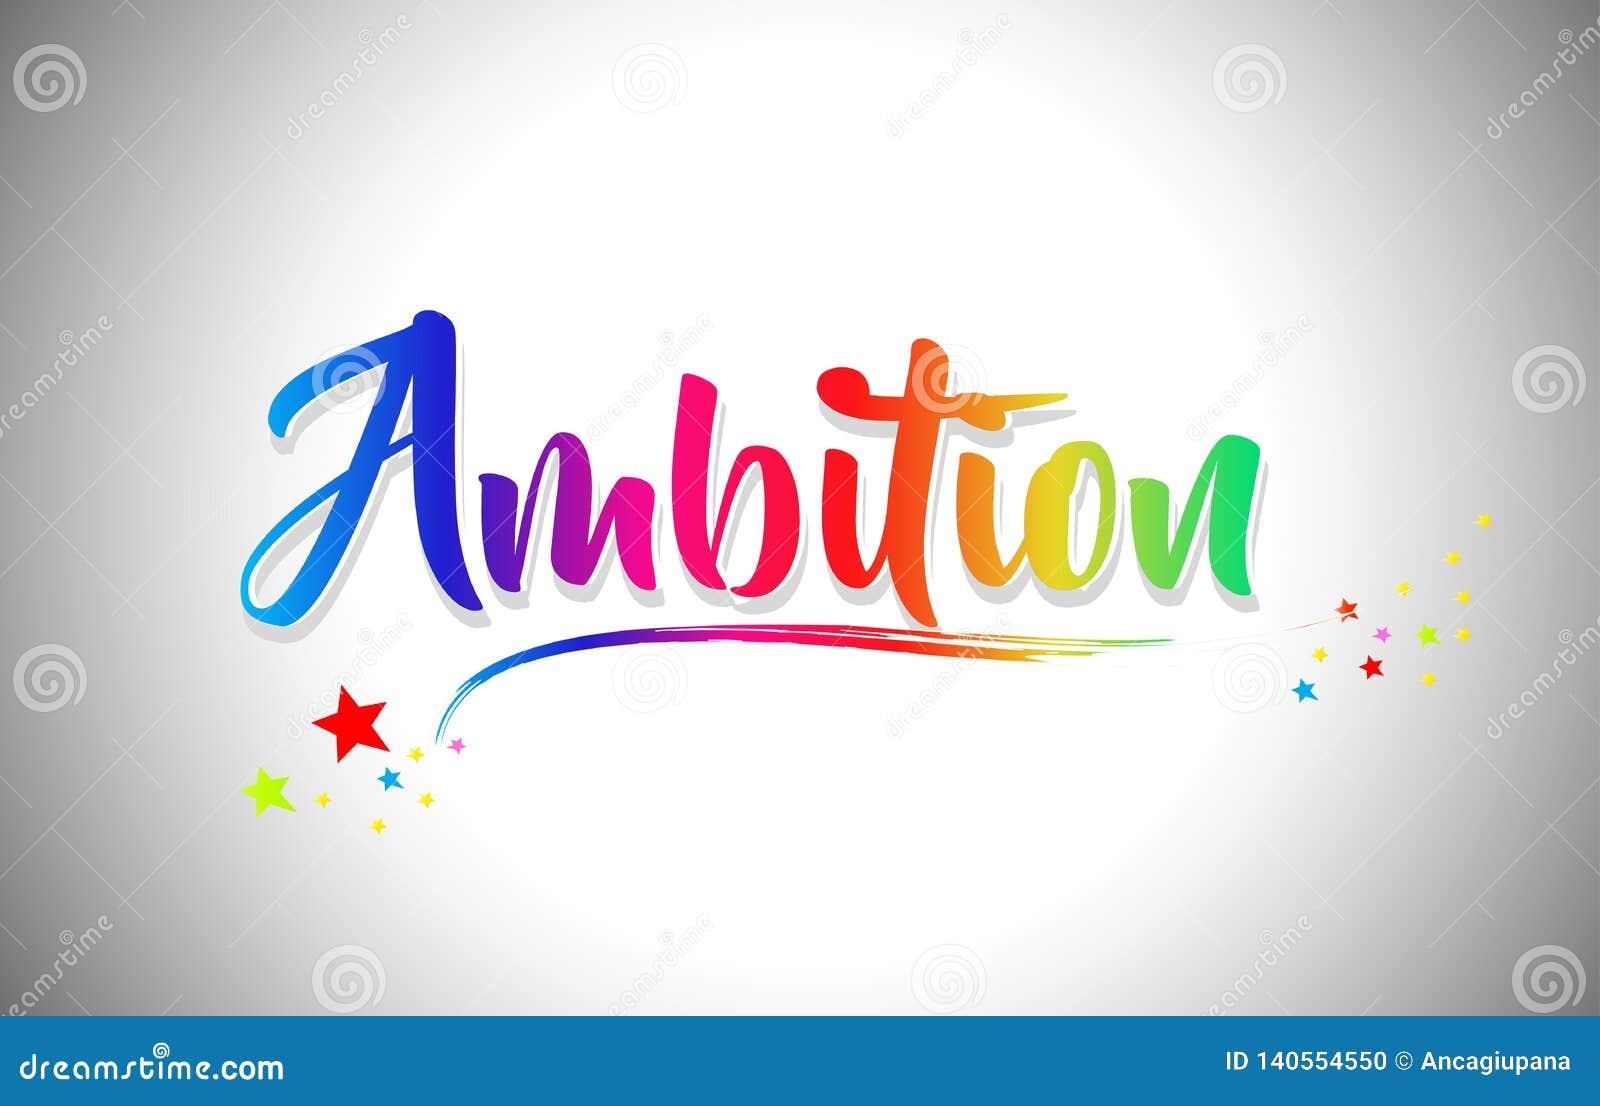 Ambitie Met de hand geschreven Word Tekst met Regenboogkleuren en Trillende Swoosh